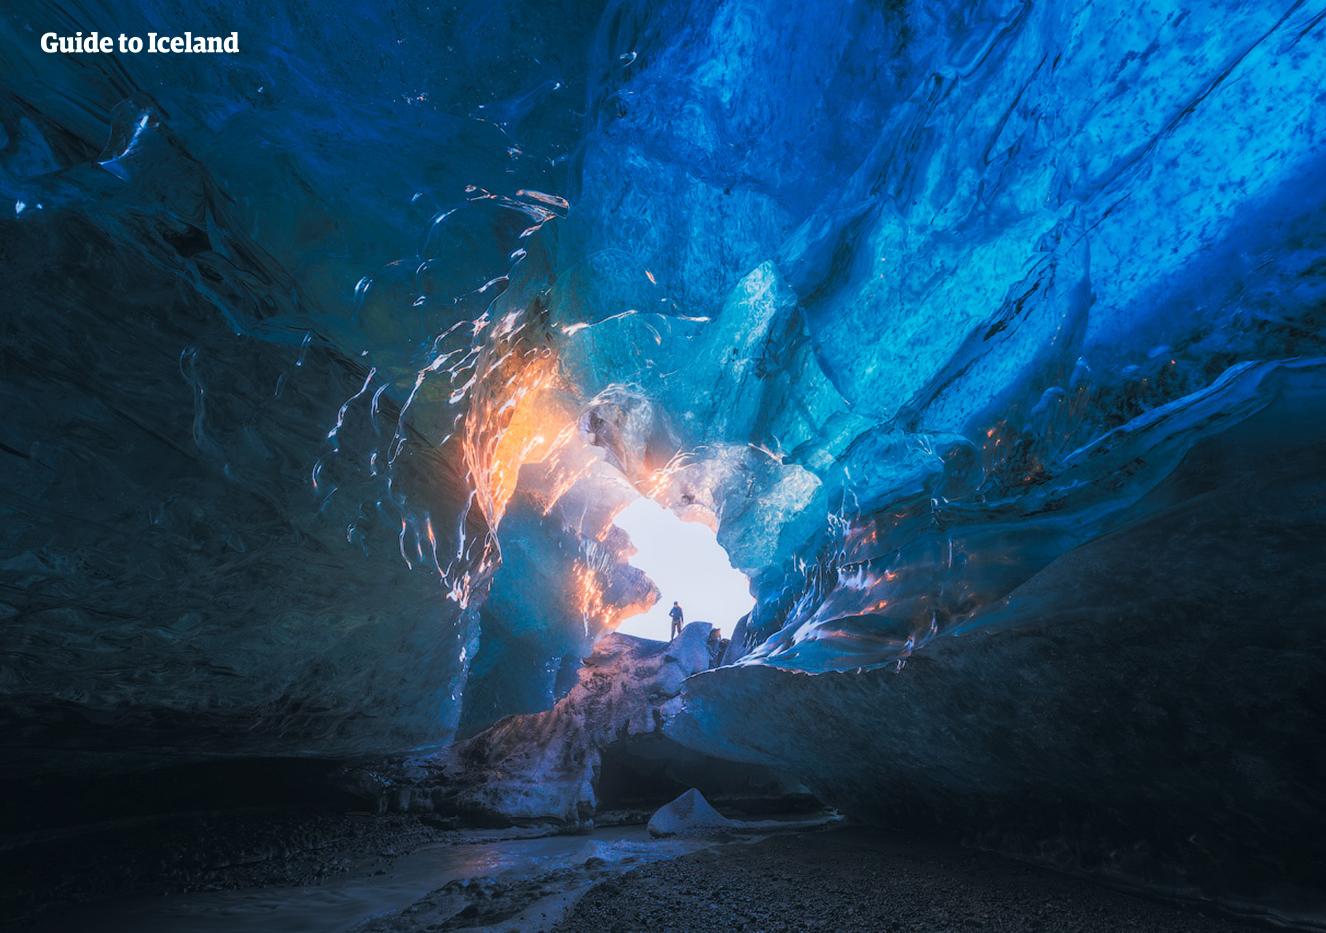 Sous le glacier Vatnajökull, il y a un réseau de grottes de glace que les visiteurs fortunés en Islande en hiver auront l'occasion d'explorer.